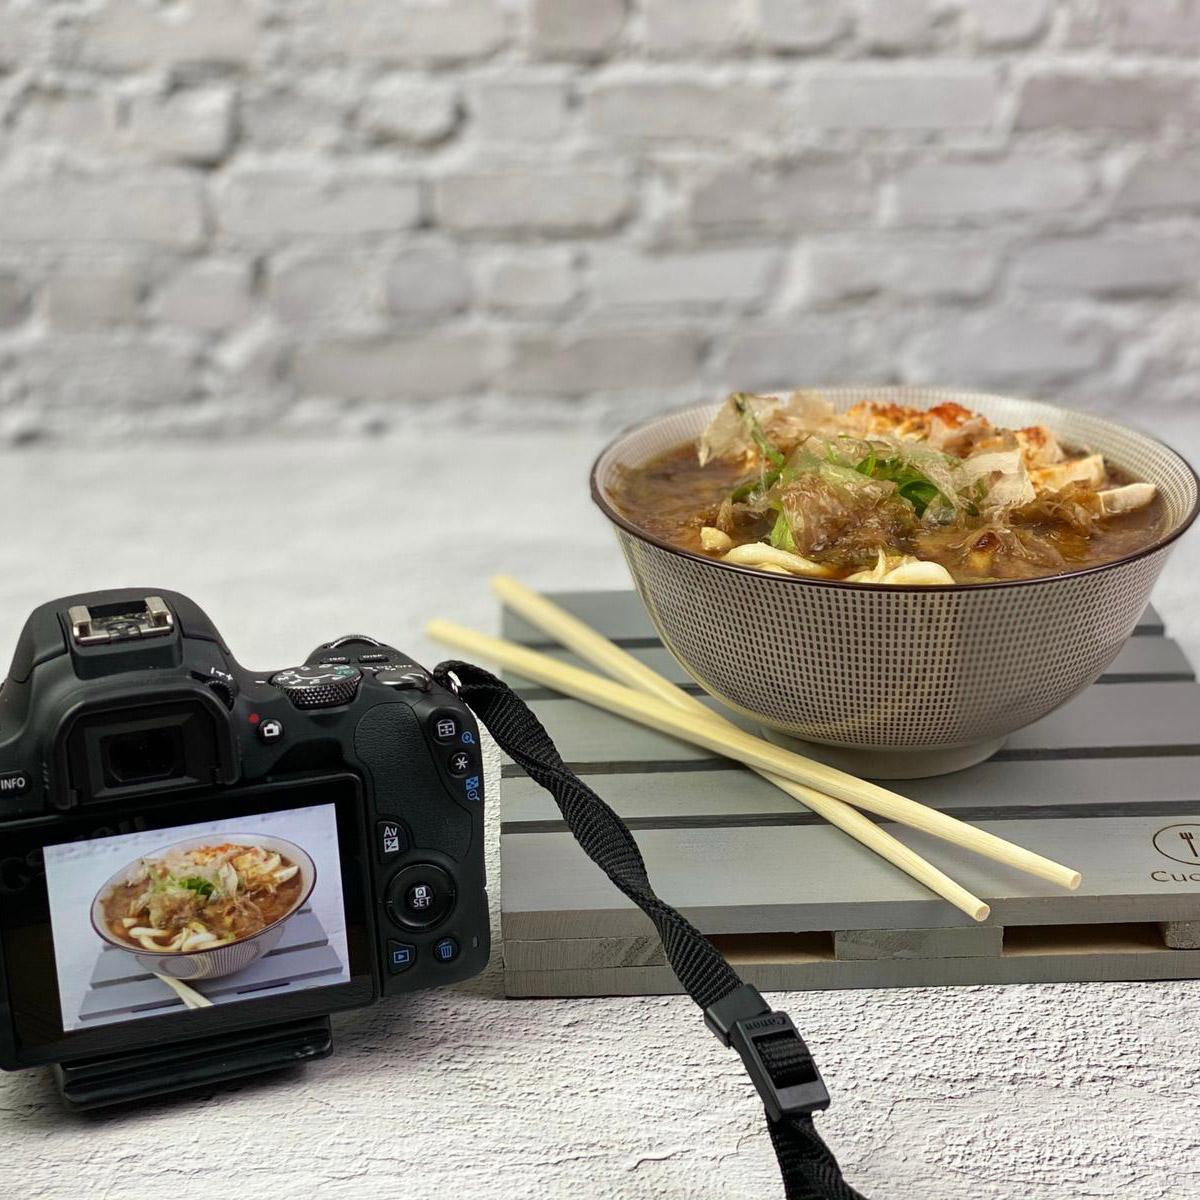 Shooting fotografico - Cucina 16 (3)